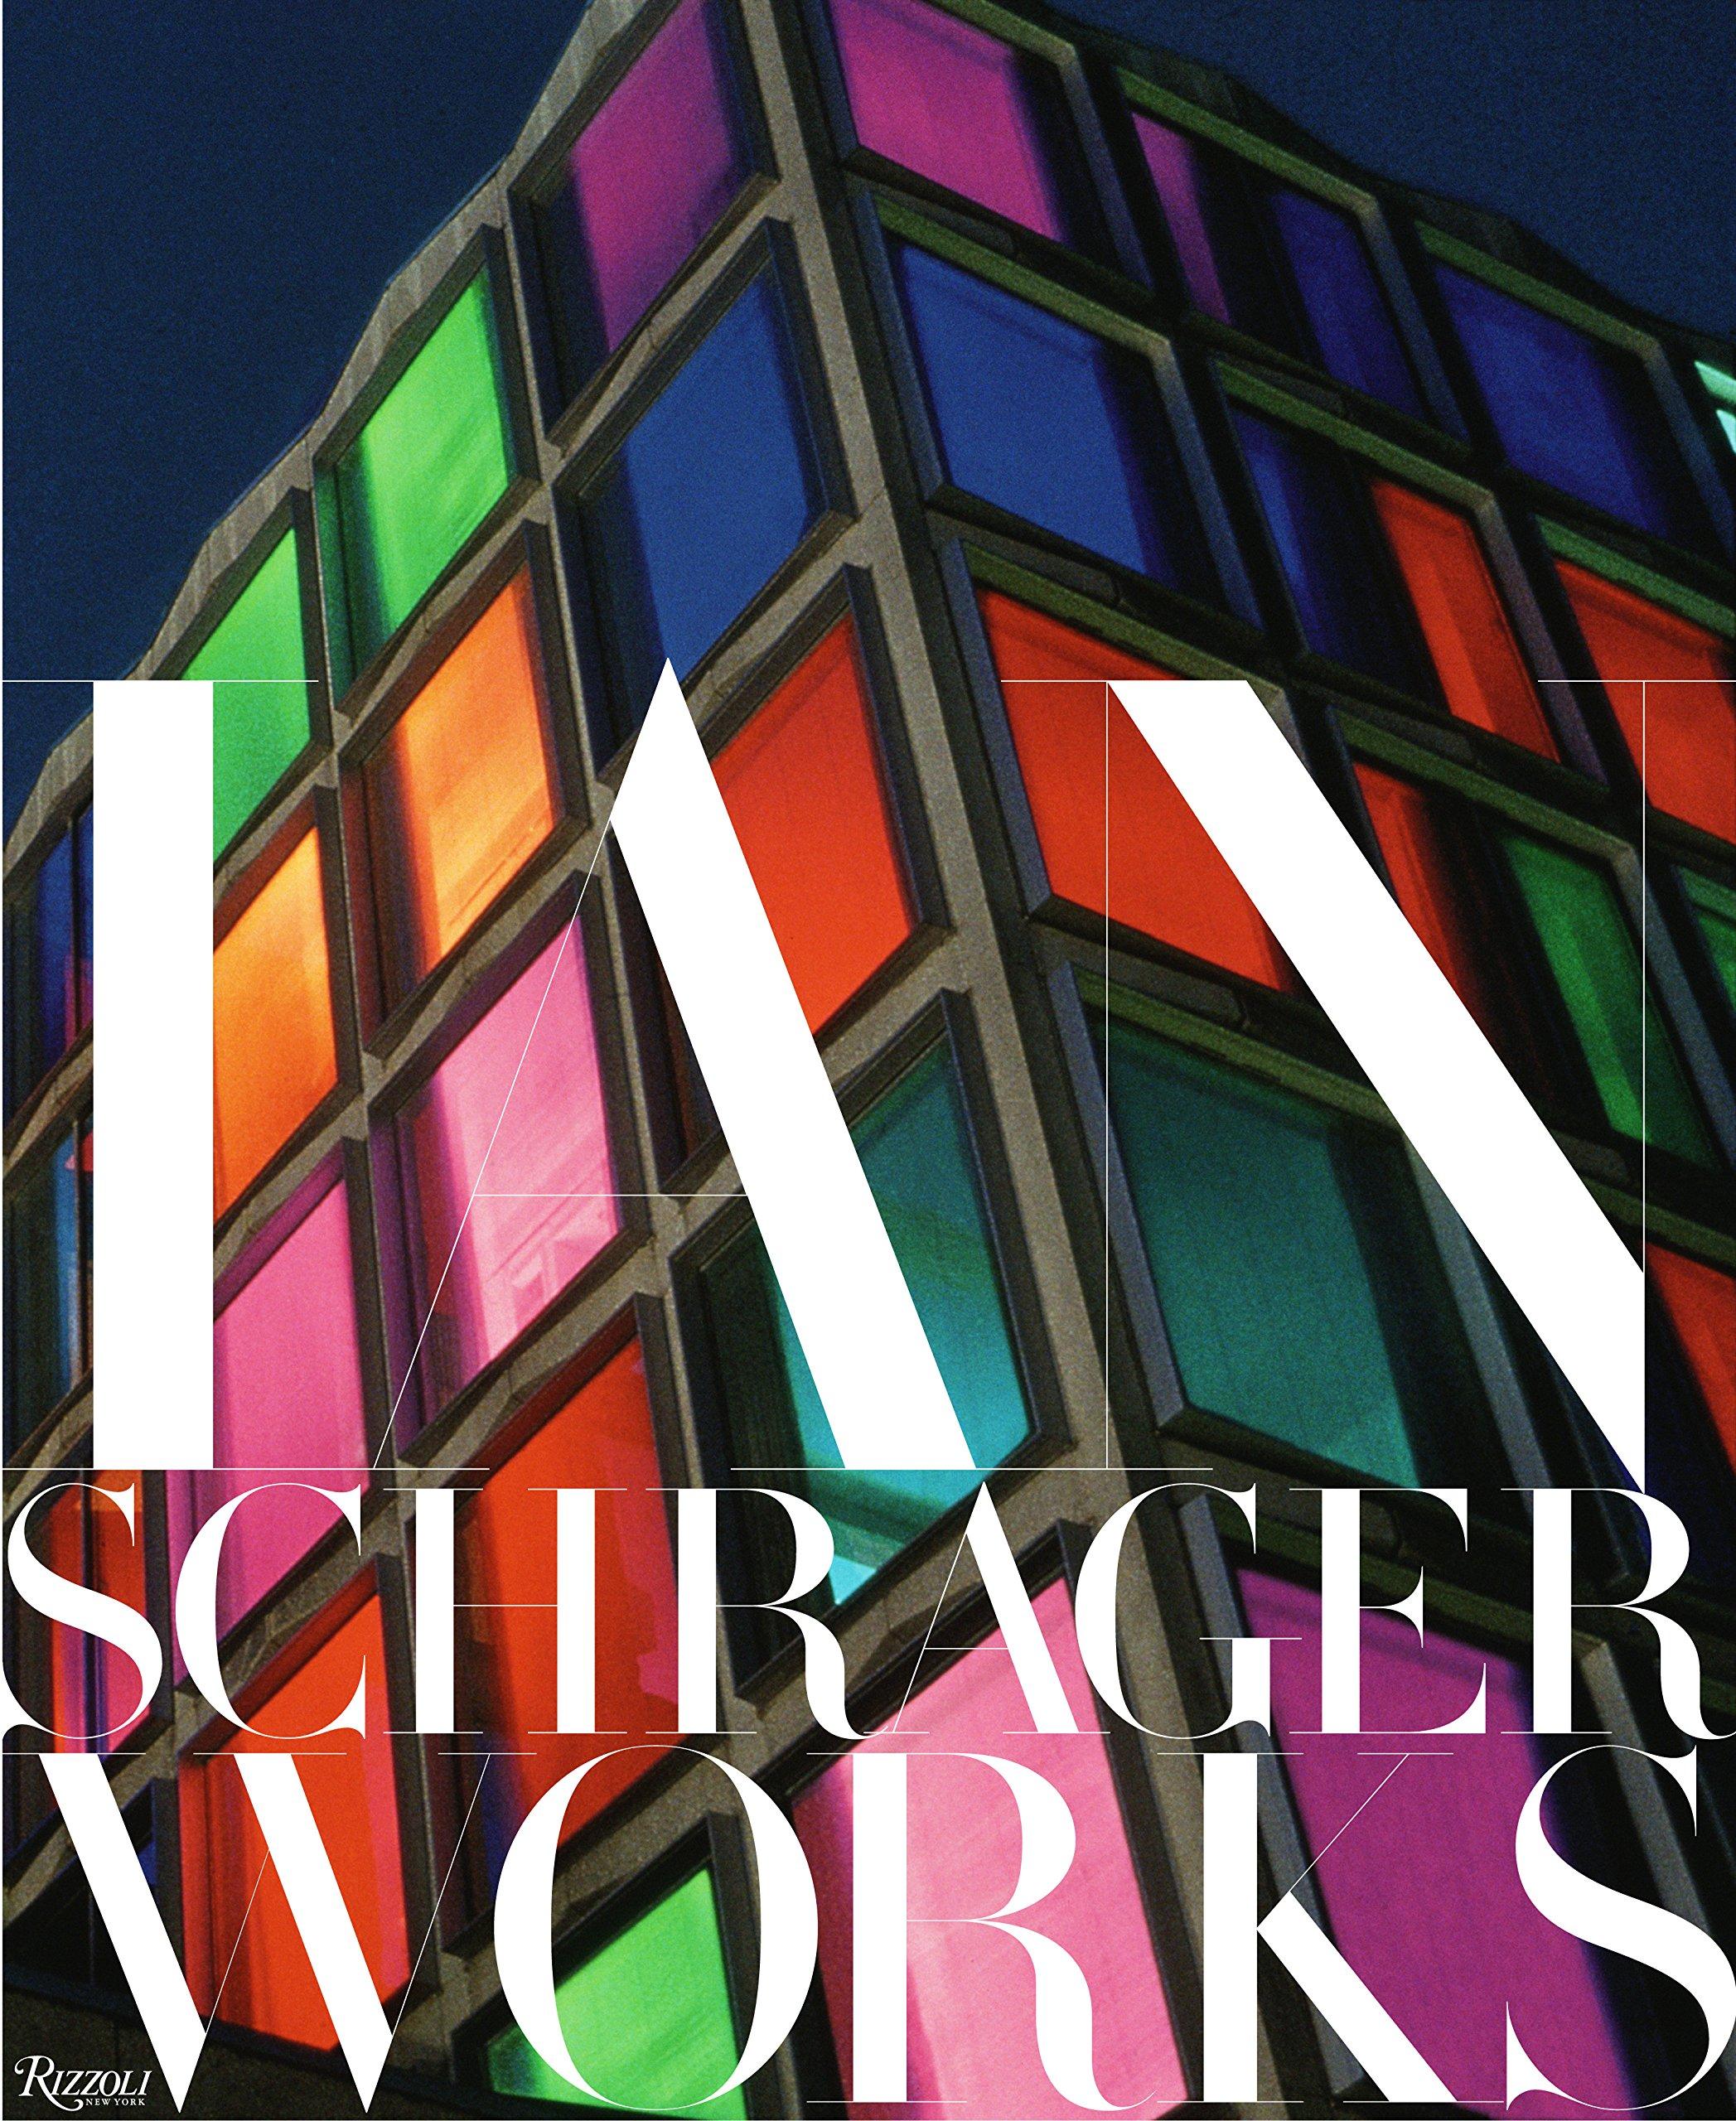 Ian Schrager: Works